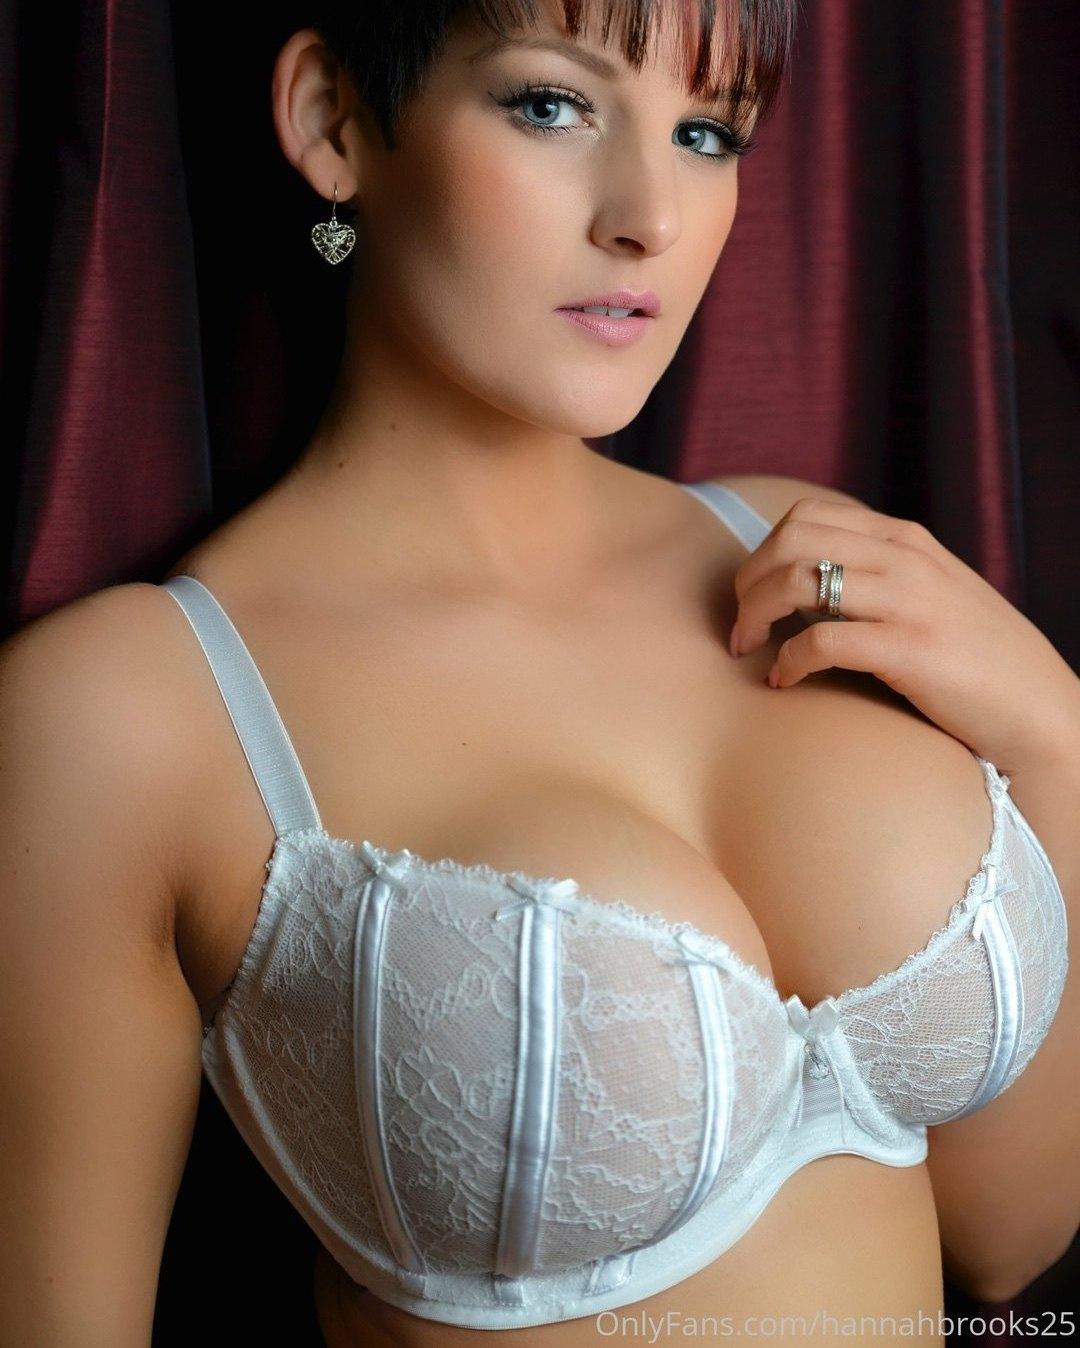 Hannah Brooks Hannahbrooks25 Onlyfans Nudes Leaks 0016